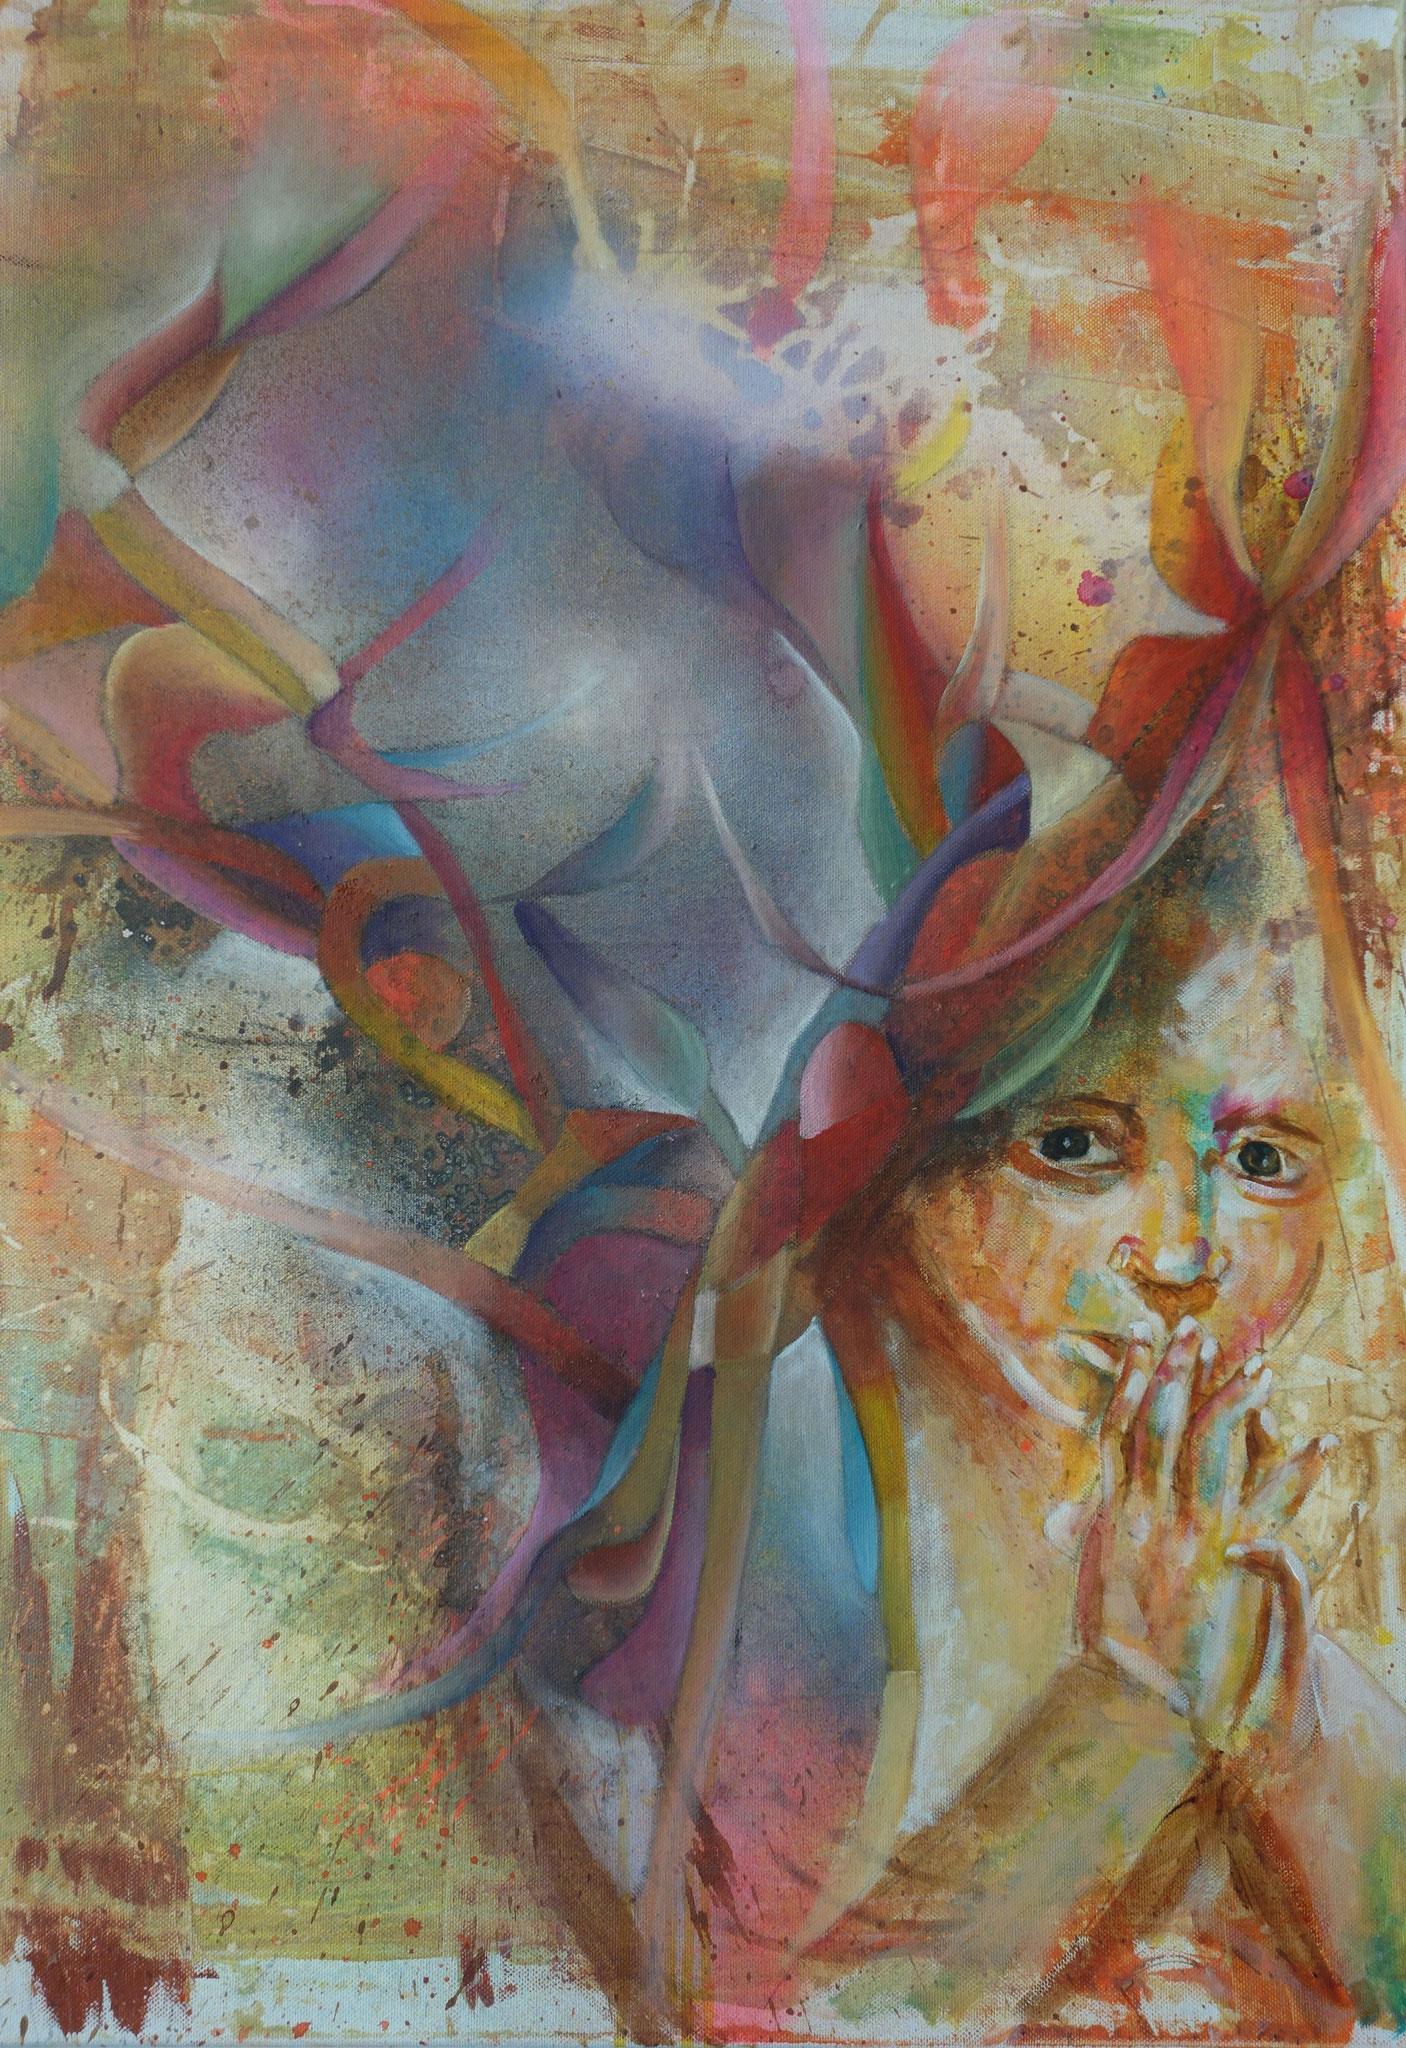 Träume in Farbe I, 2015, 60 x 80 cm, Acryl auf Leinwand